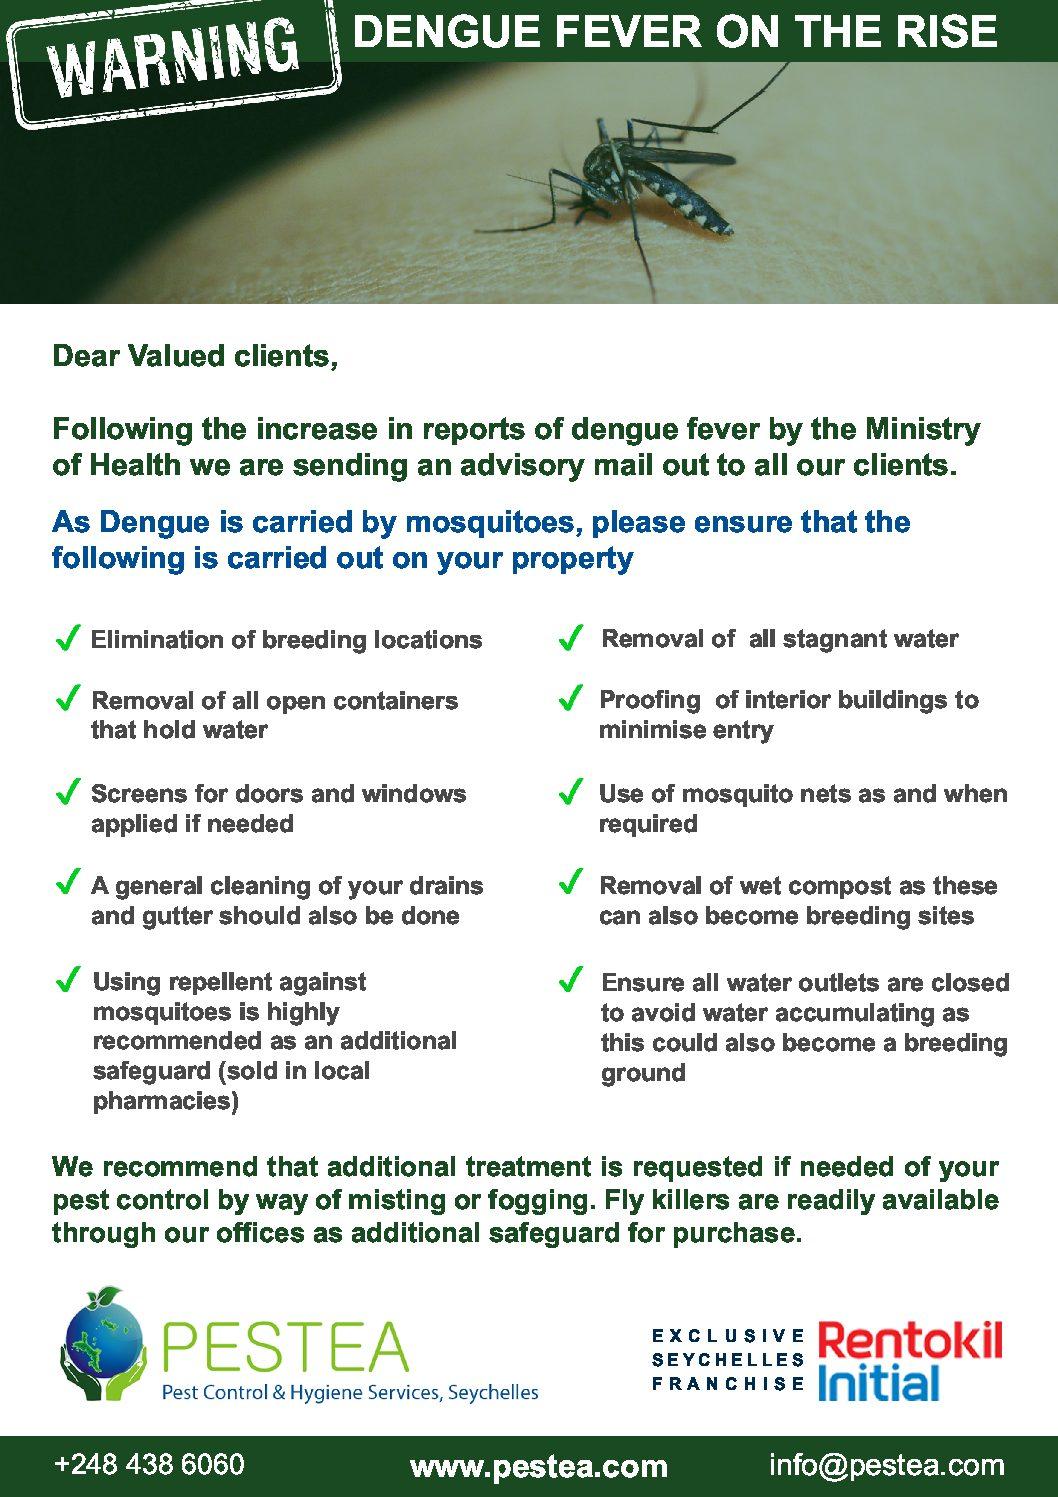 Download - Pestea Mosquito Control Checklist